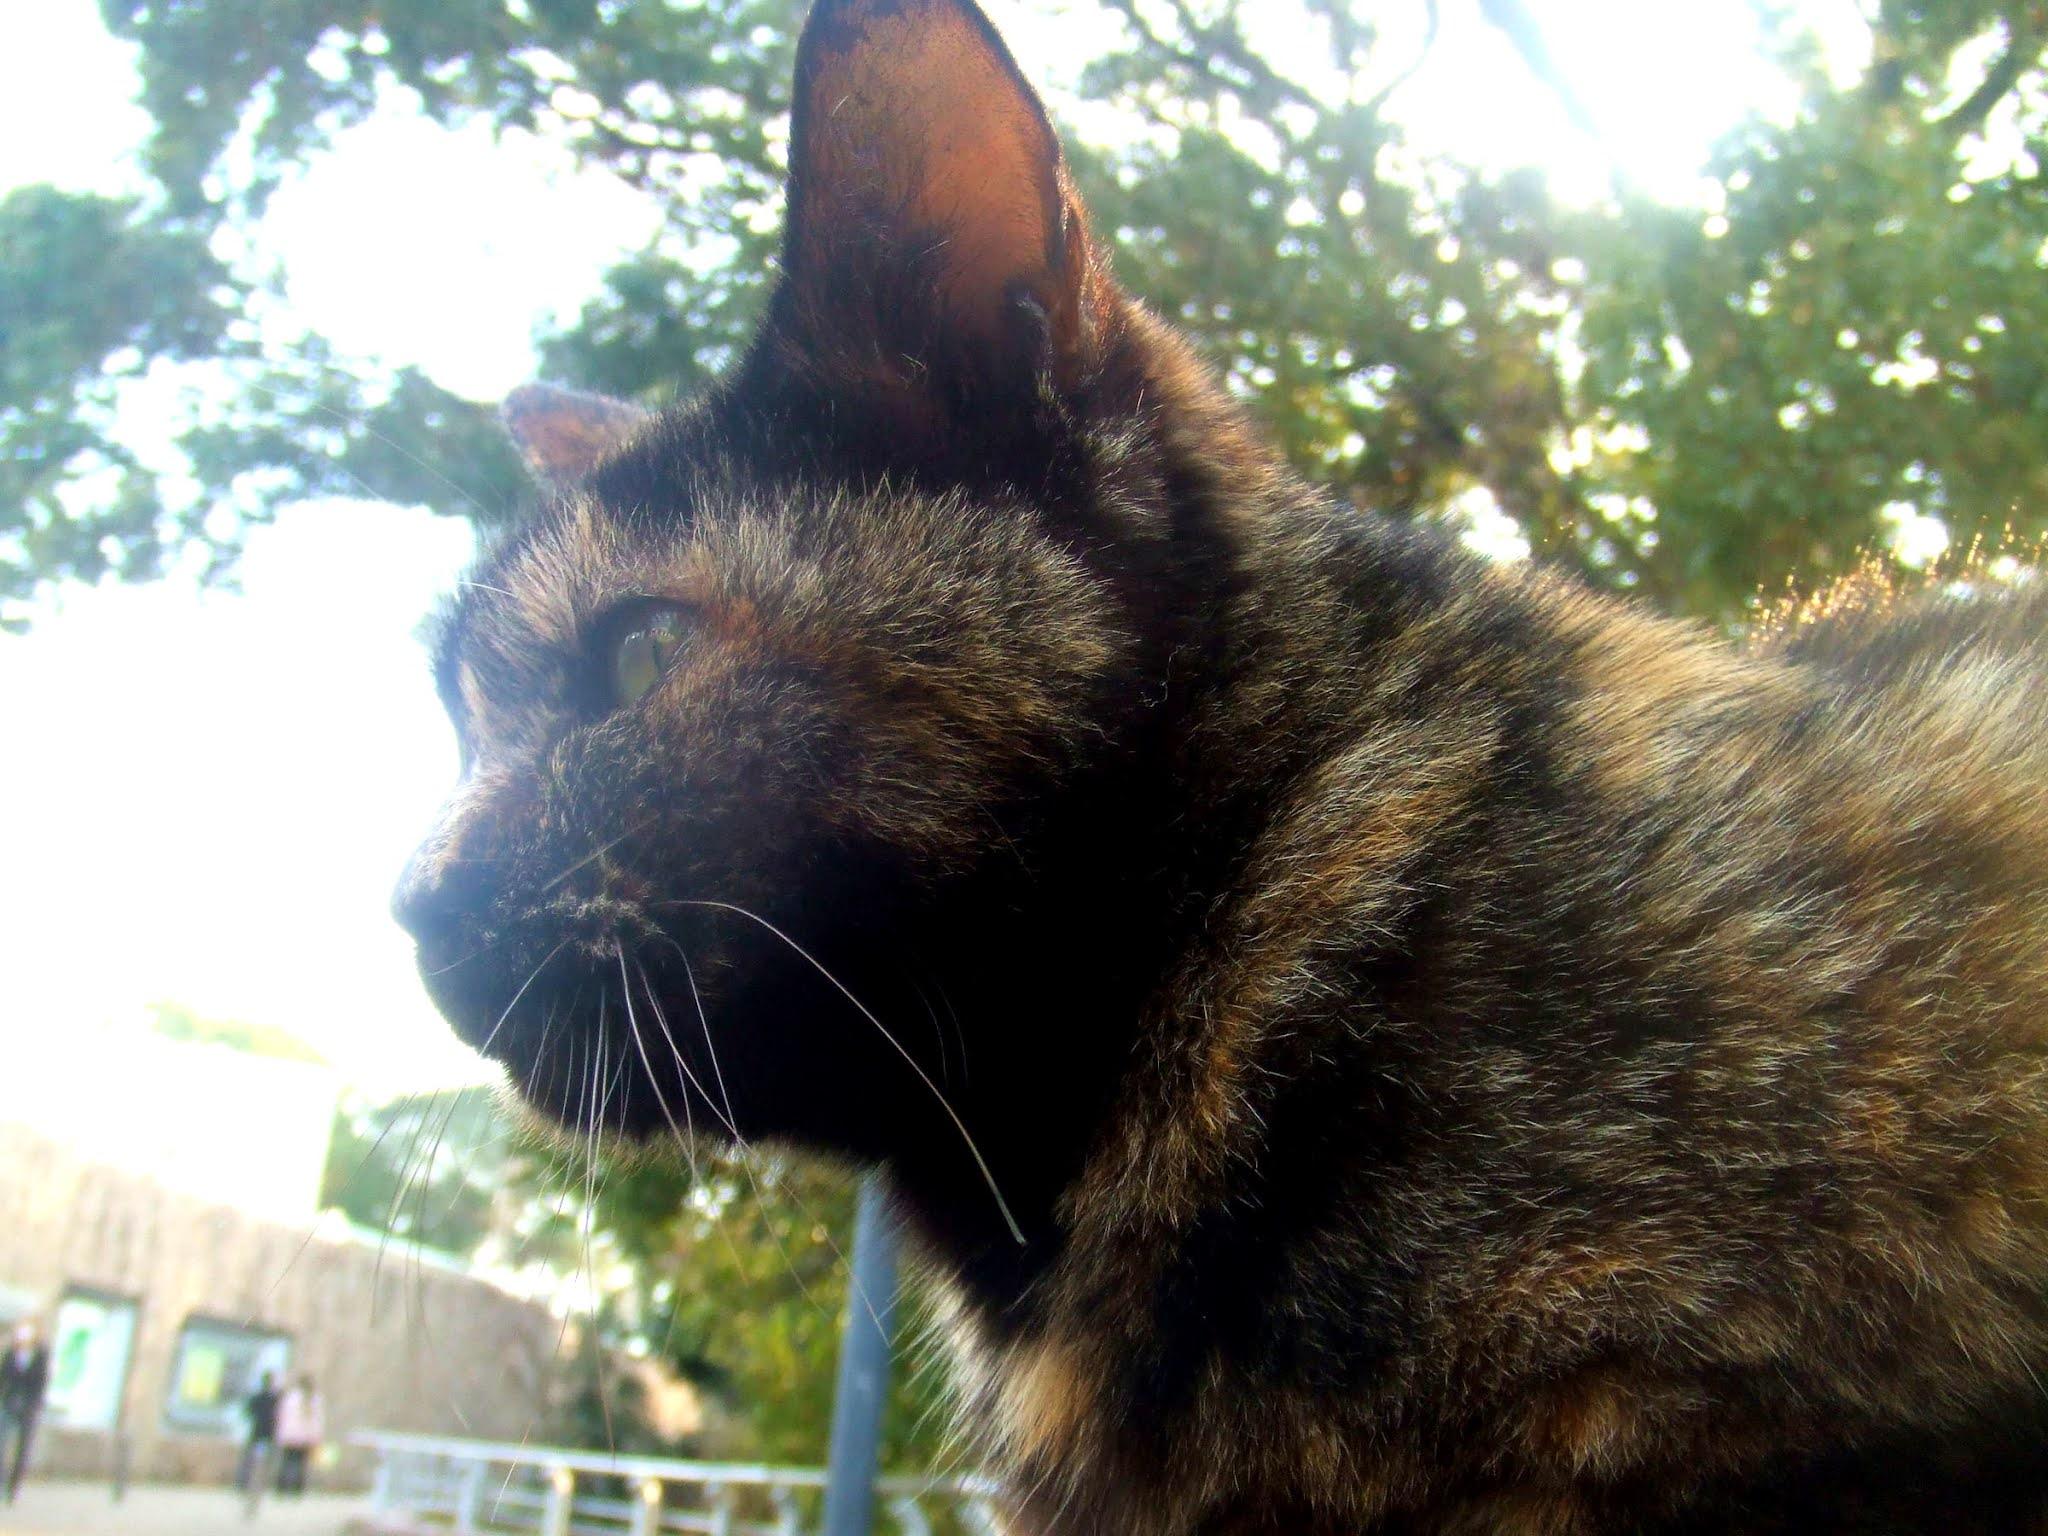 猫さんの横顔の写真です。サビ猫さんの、キリリと引き締まった横顔。猫ブログなどにどうでしょう。